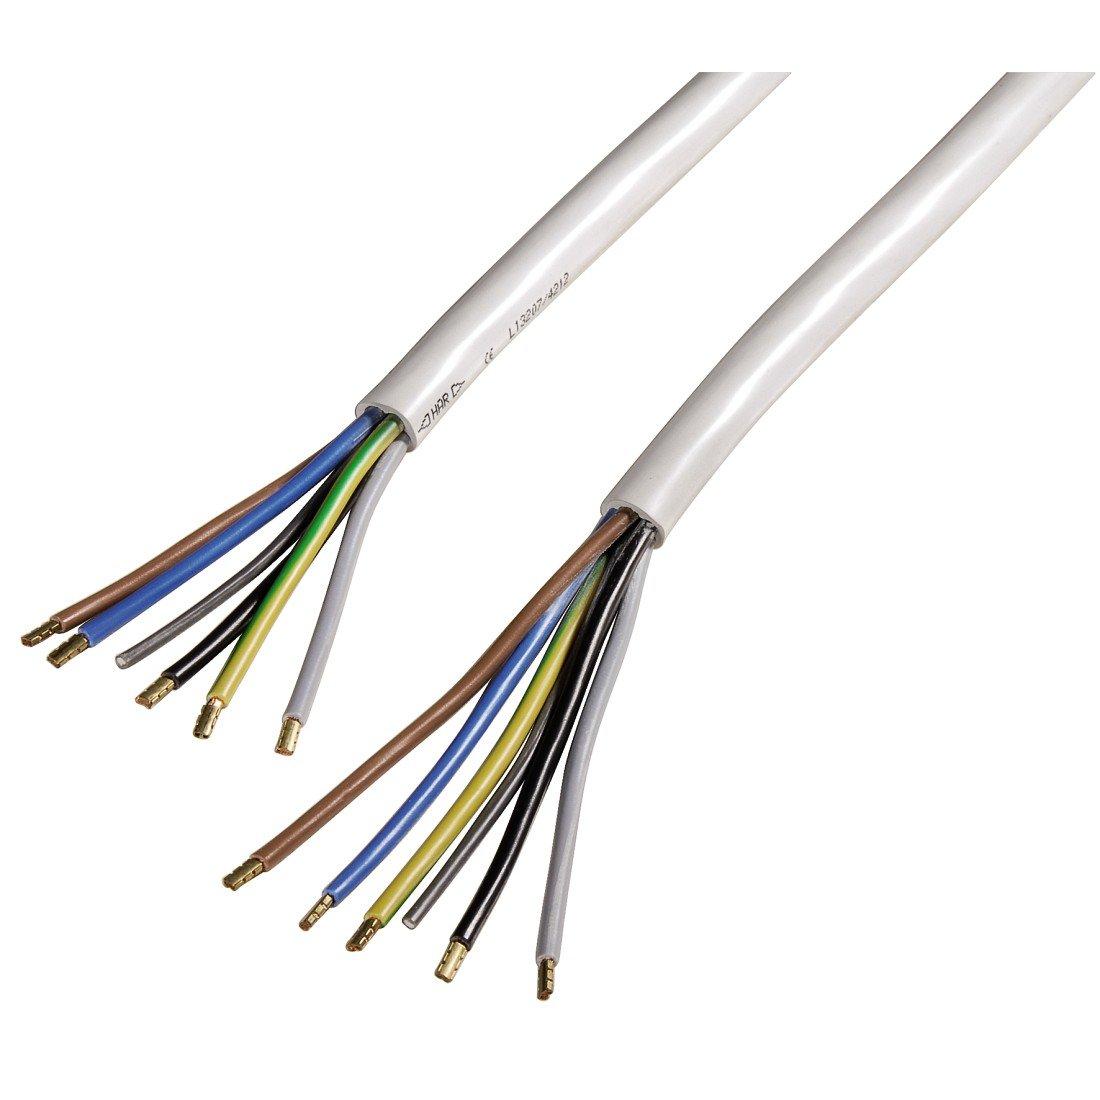 Xavax Solides Anschlusskabel für Elektroherd, Elektroherd-Zuleitung, H05VV-F, 2,5 m, Weiß Weiß Hama 00110971